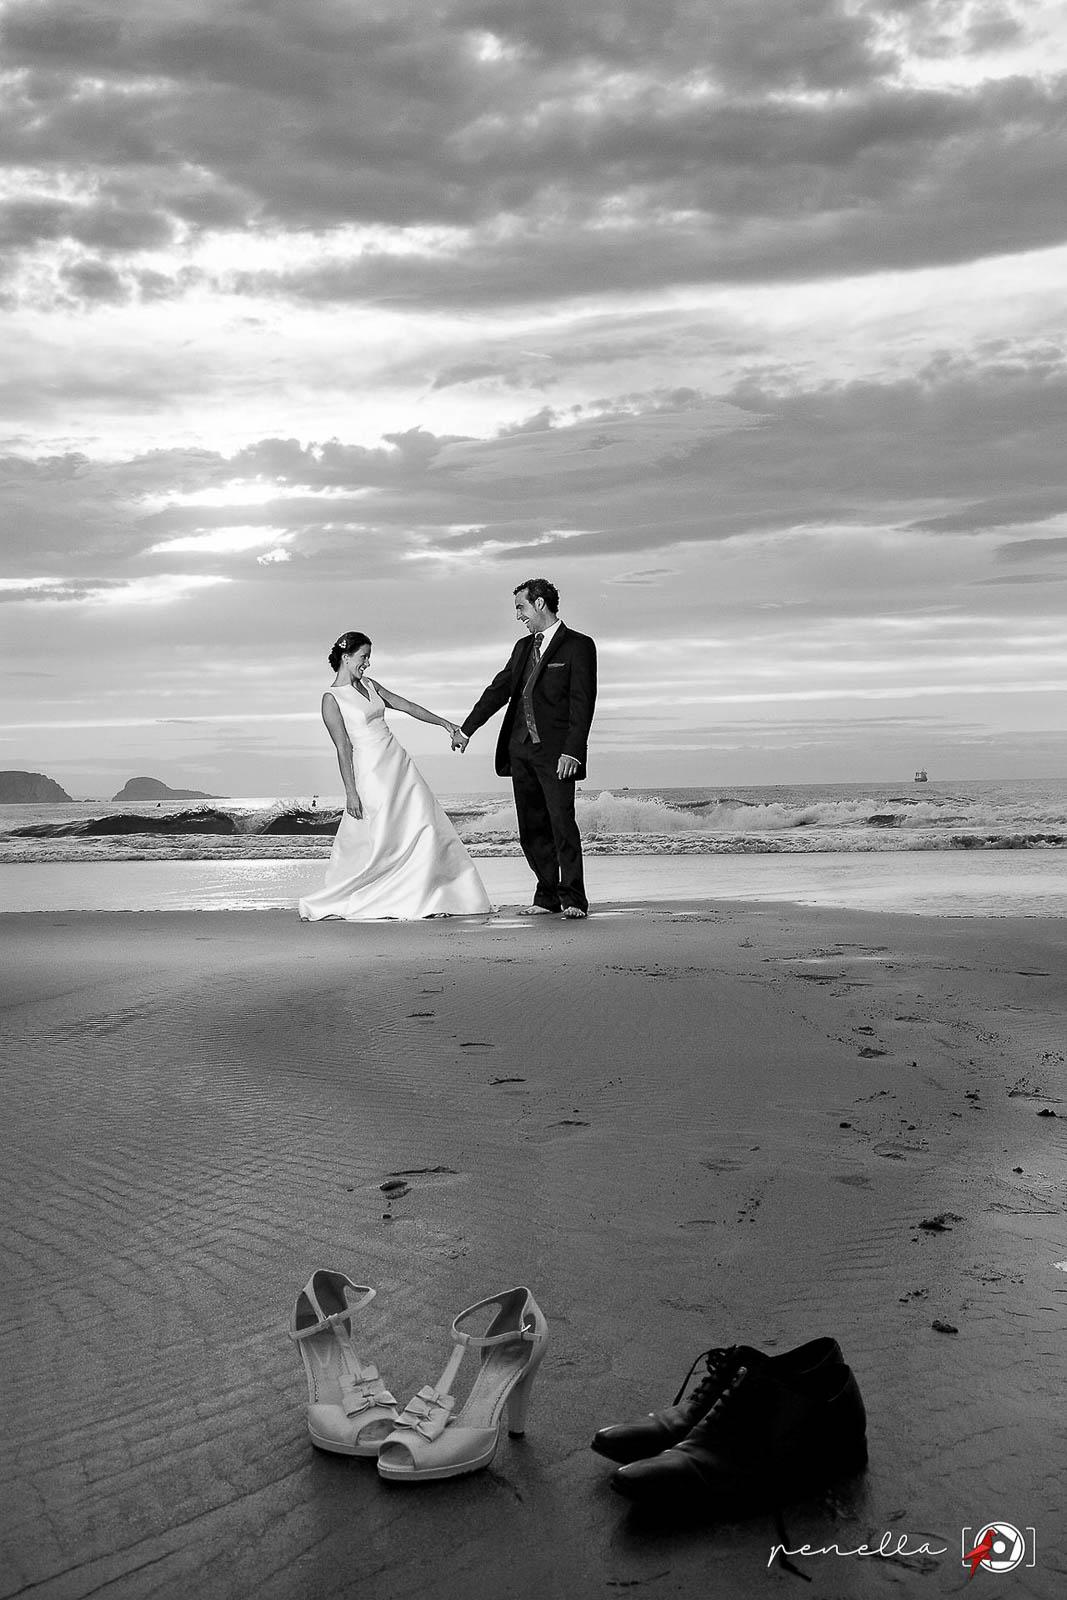 Fotografía en blanco y negro del fotógrafo de bodas en Asturias, Soto del Barco, Avilés, Oviedo o Gijón Penella Fotografía